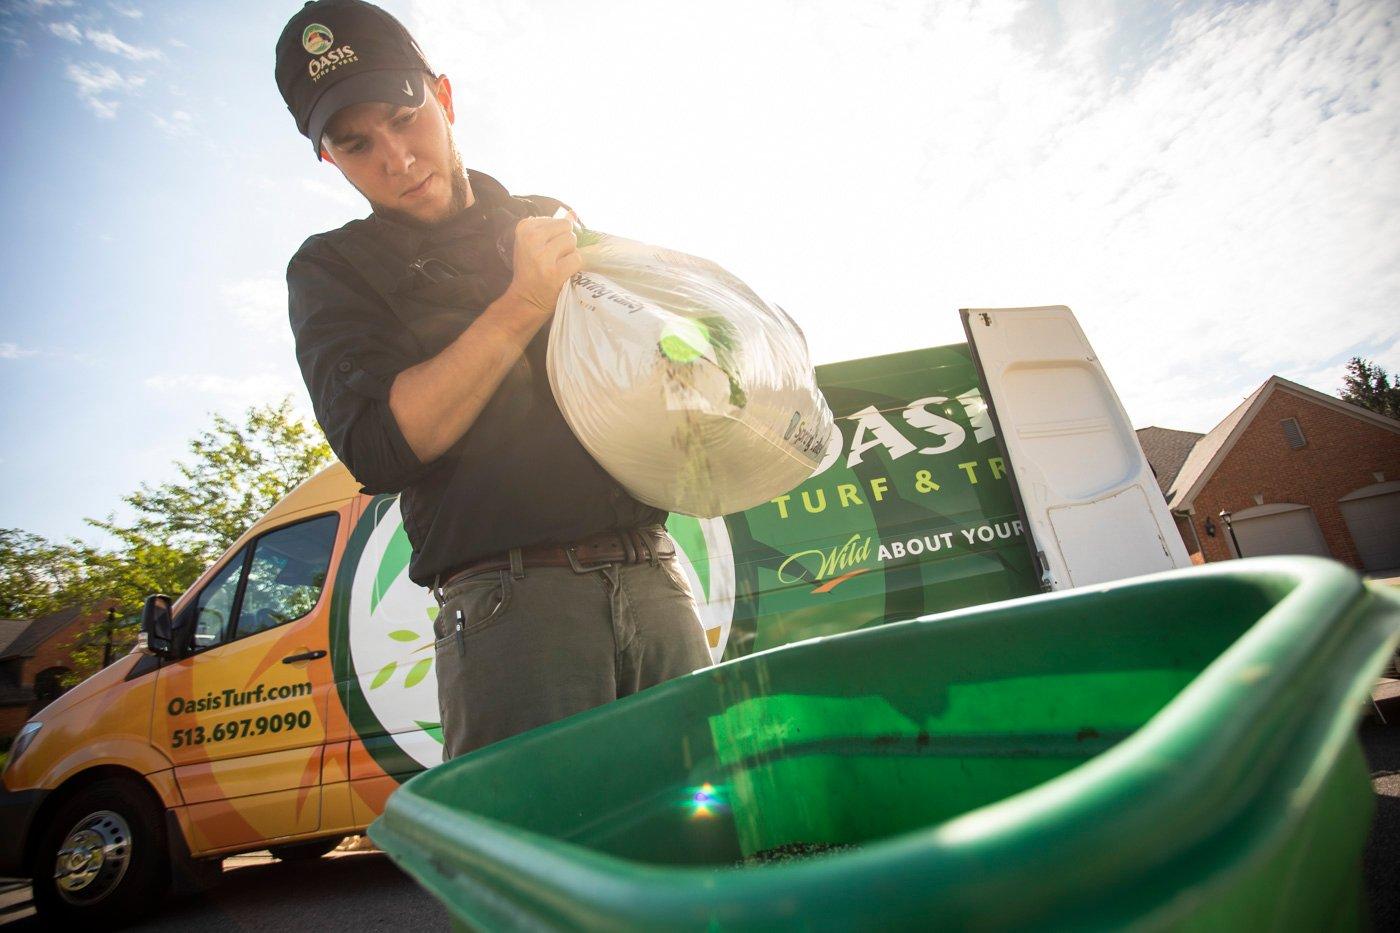 Lawn care technician pouring fertilizer into spreader